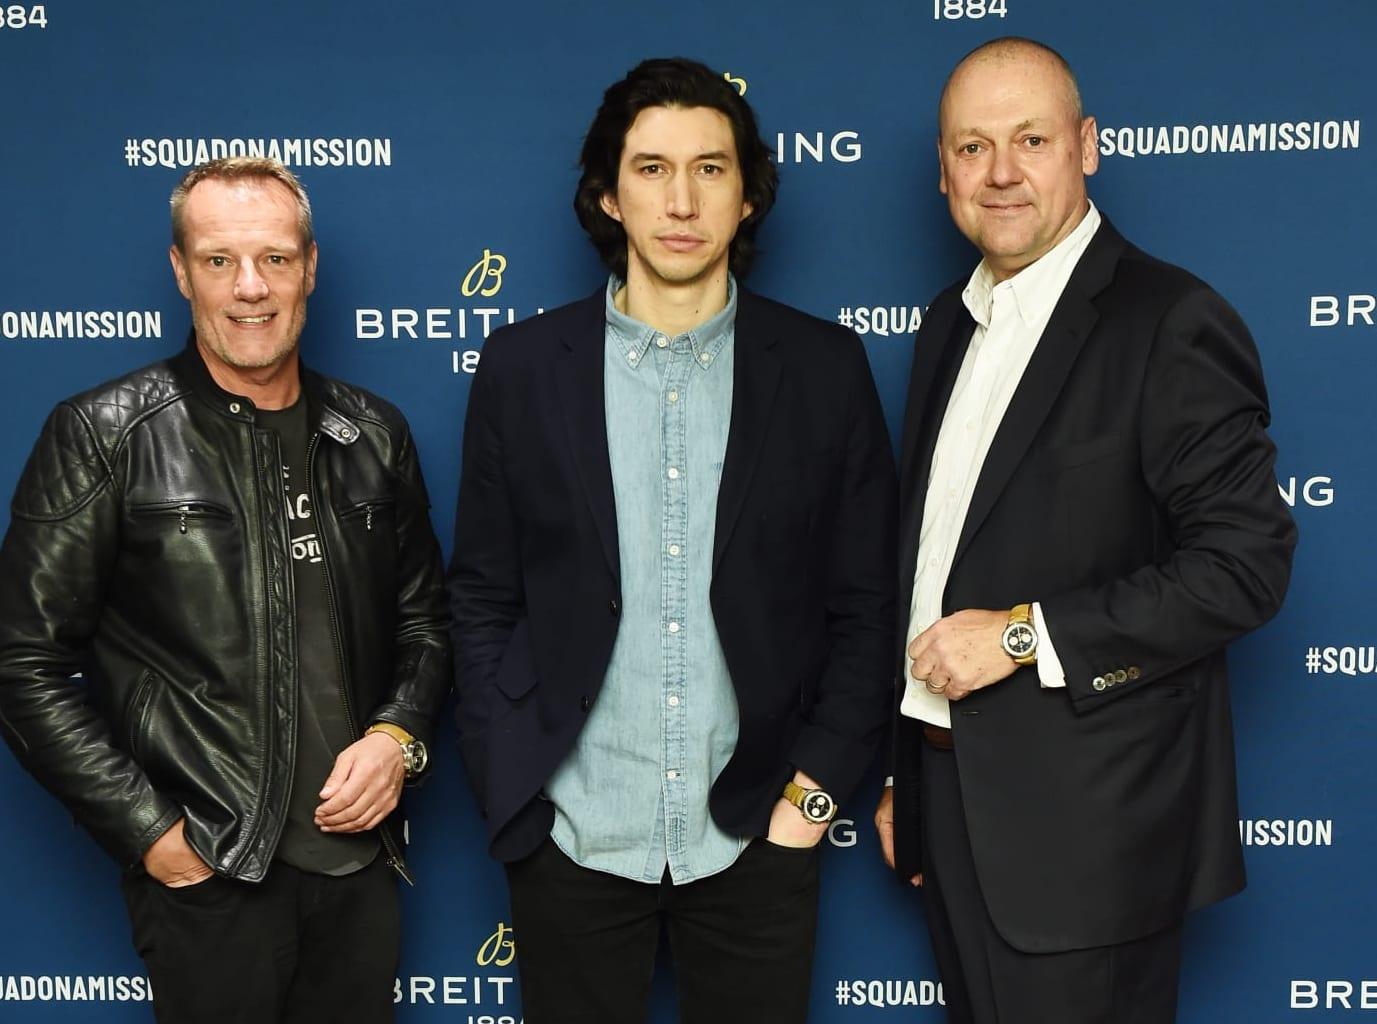 Stuart Garner, Adam Driver, Thierry Prissert_Breitling Premier Norton Edition Event in New York_2